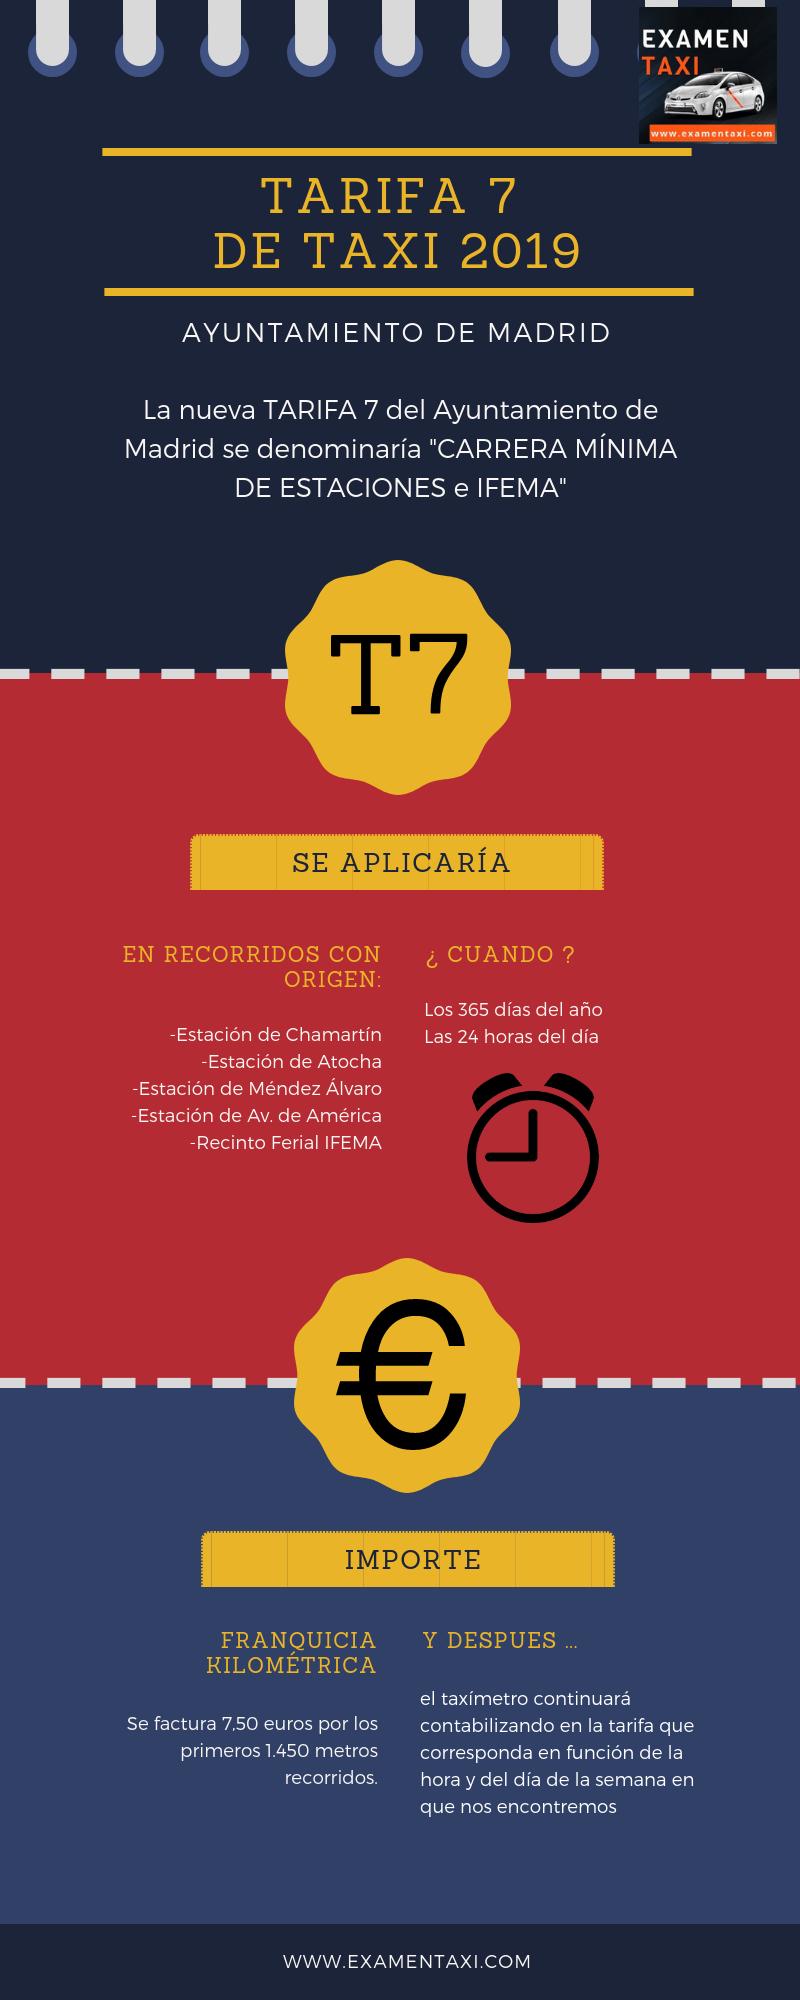 Infografía Tarifa 7 de Taxi 2019